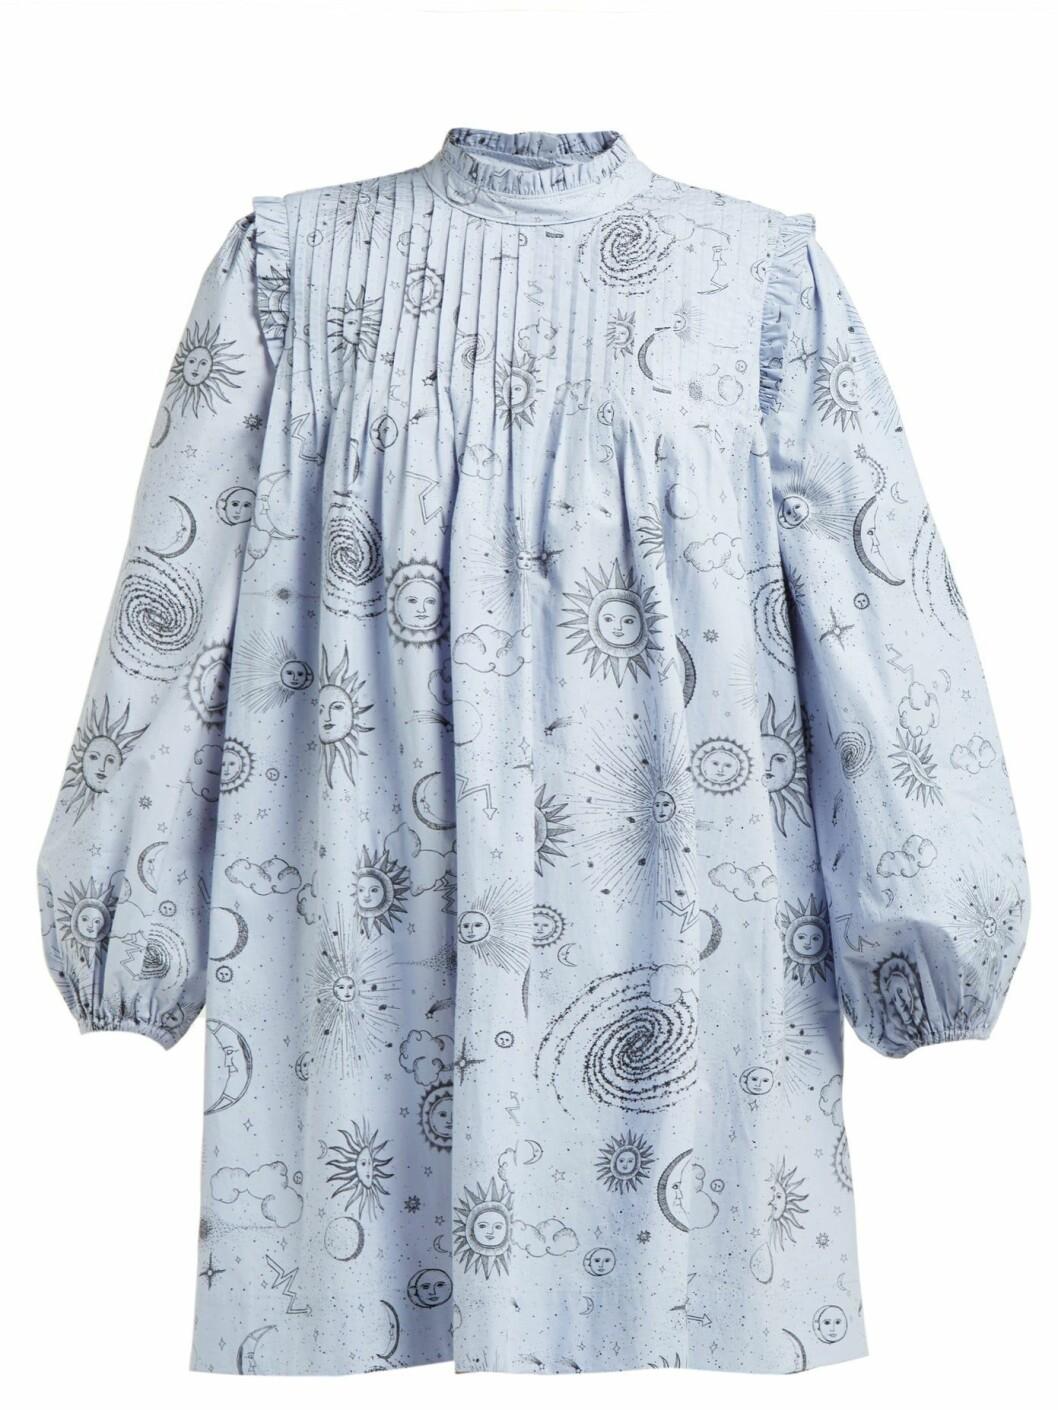 Ljusblå klänning från det exklusiva samarbetet mellan Ganni och Matchesfashion.com.